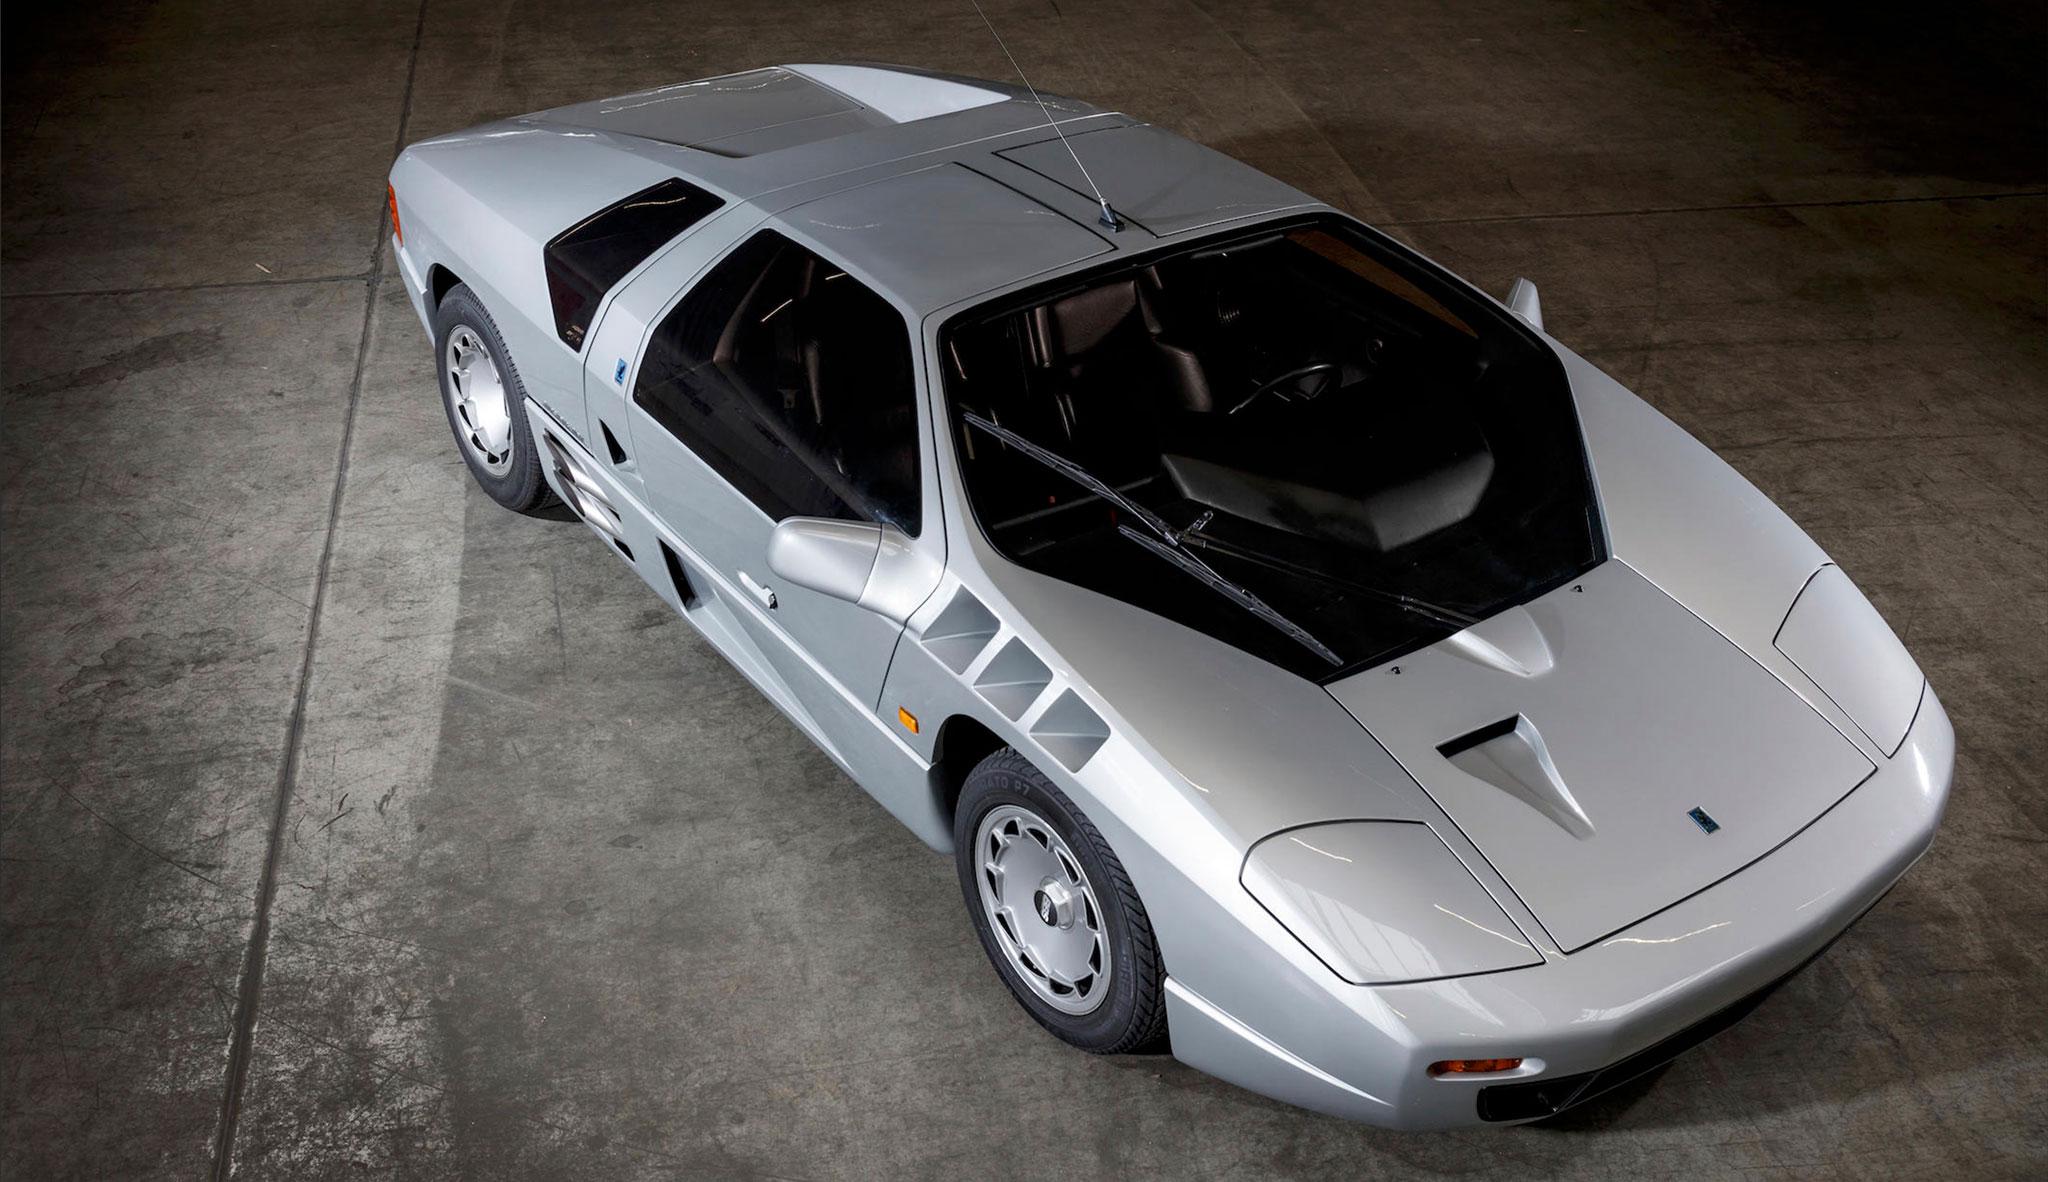 1991 Isdera Imperator 108i series II 30 exemplaires entre 1984 et 1993.